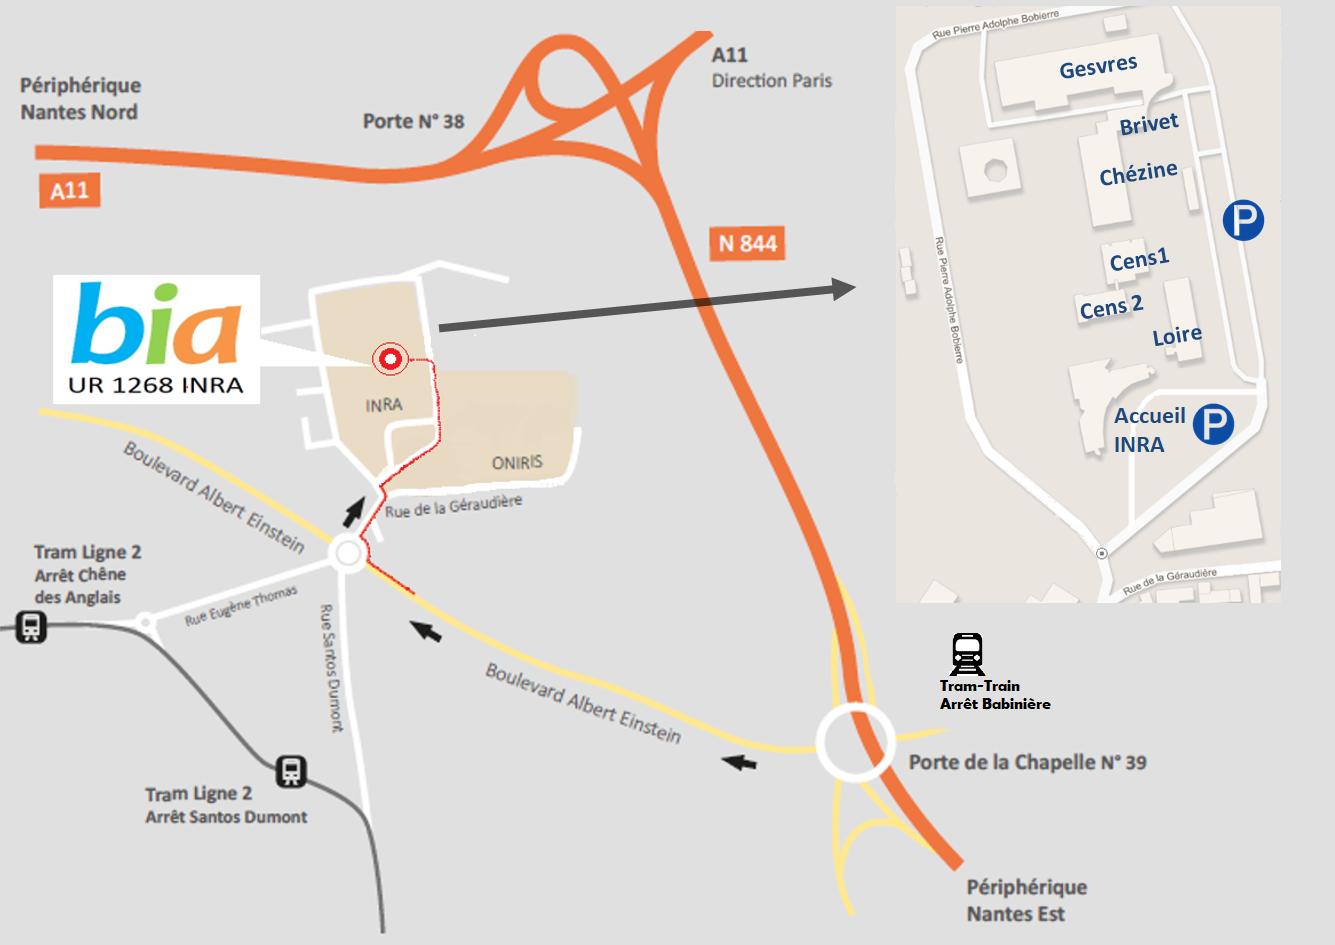 plan-acces-BIA-Geraudière-2